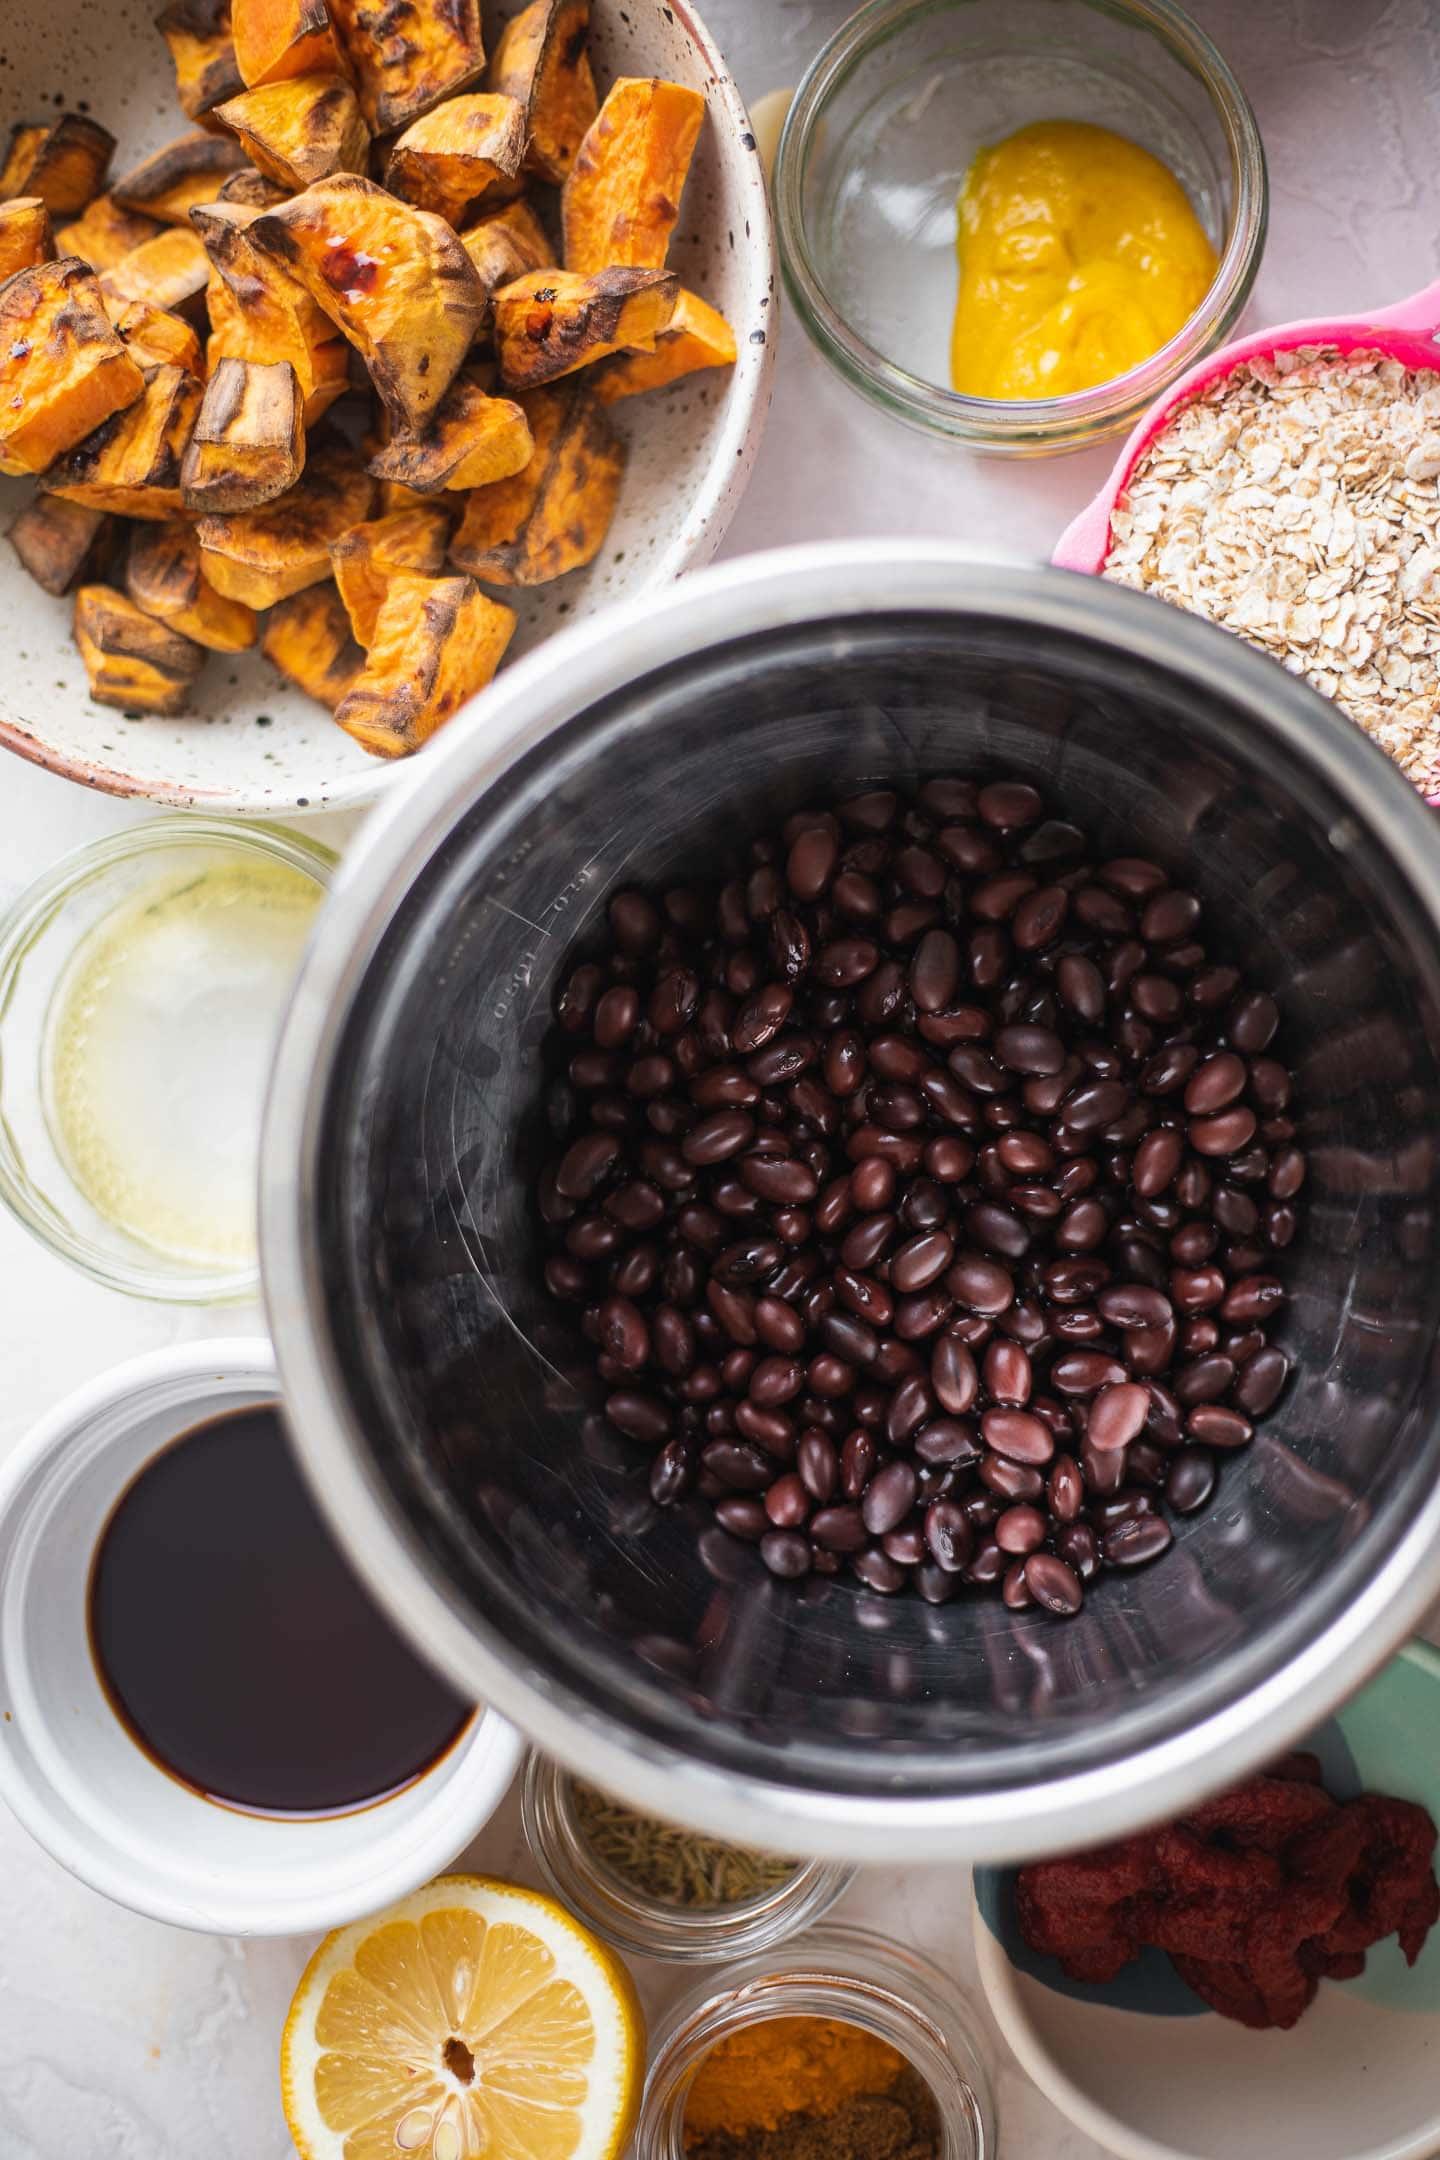 Ingredients for black bean burgers